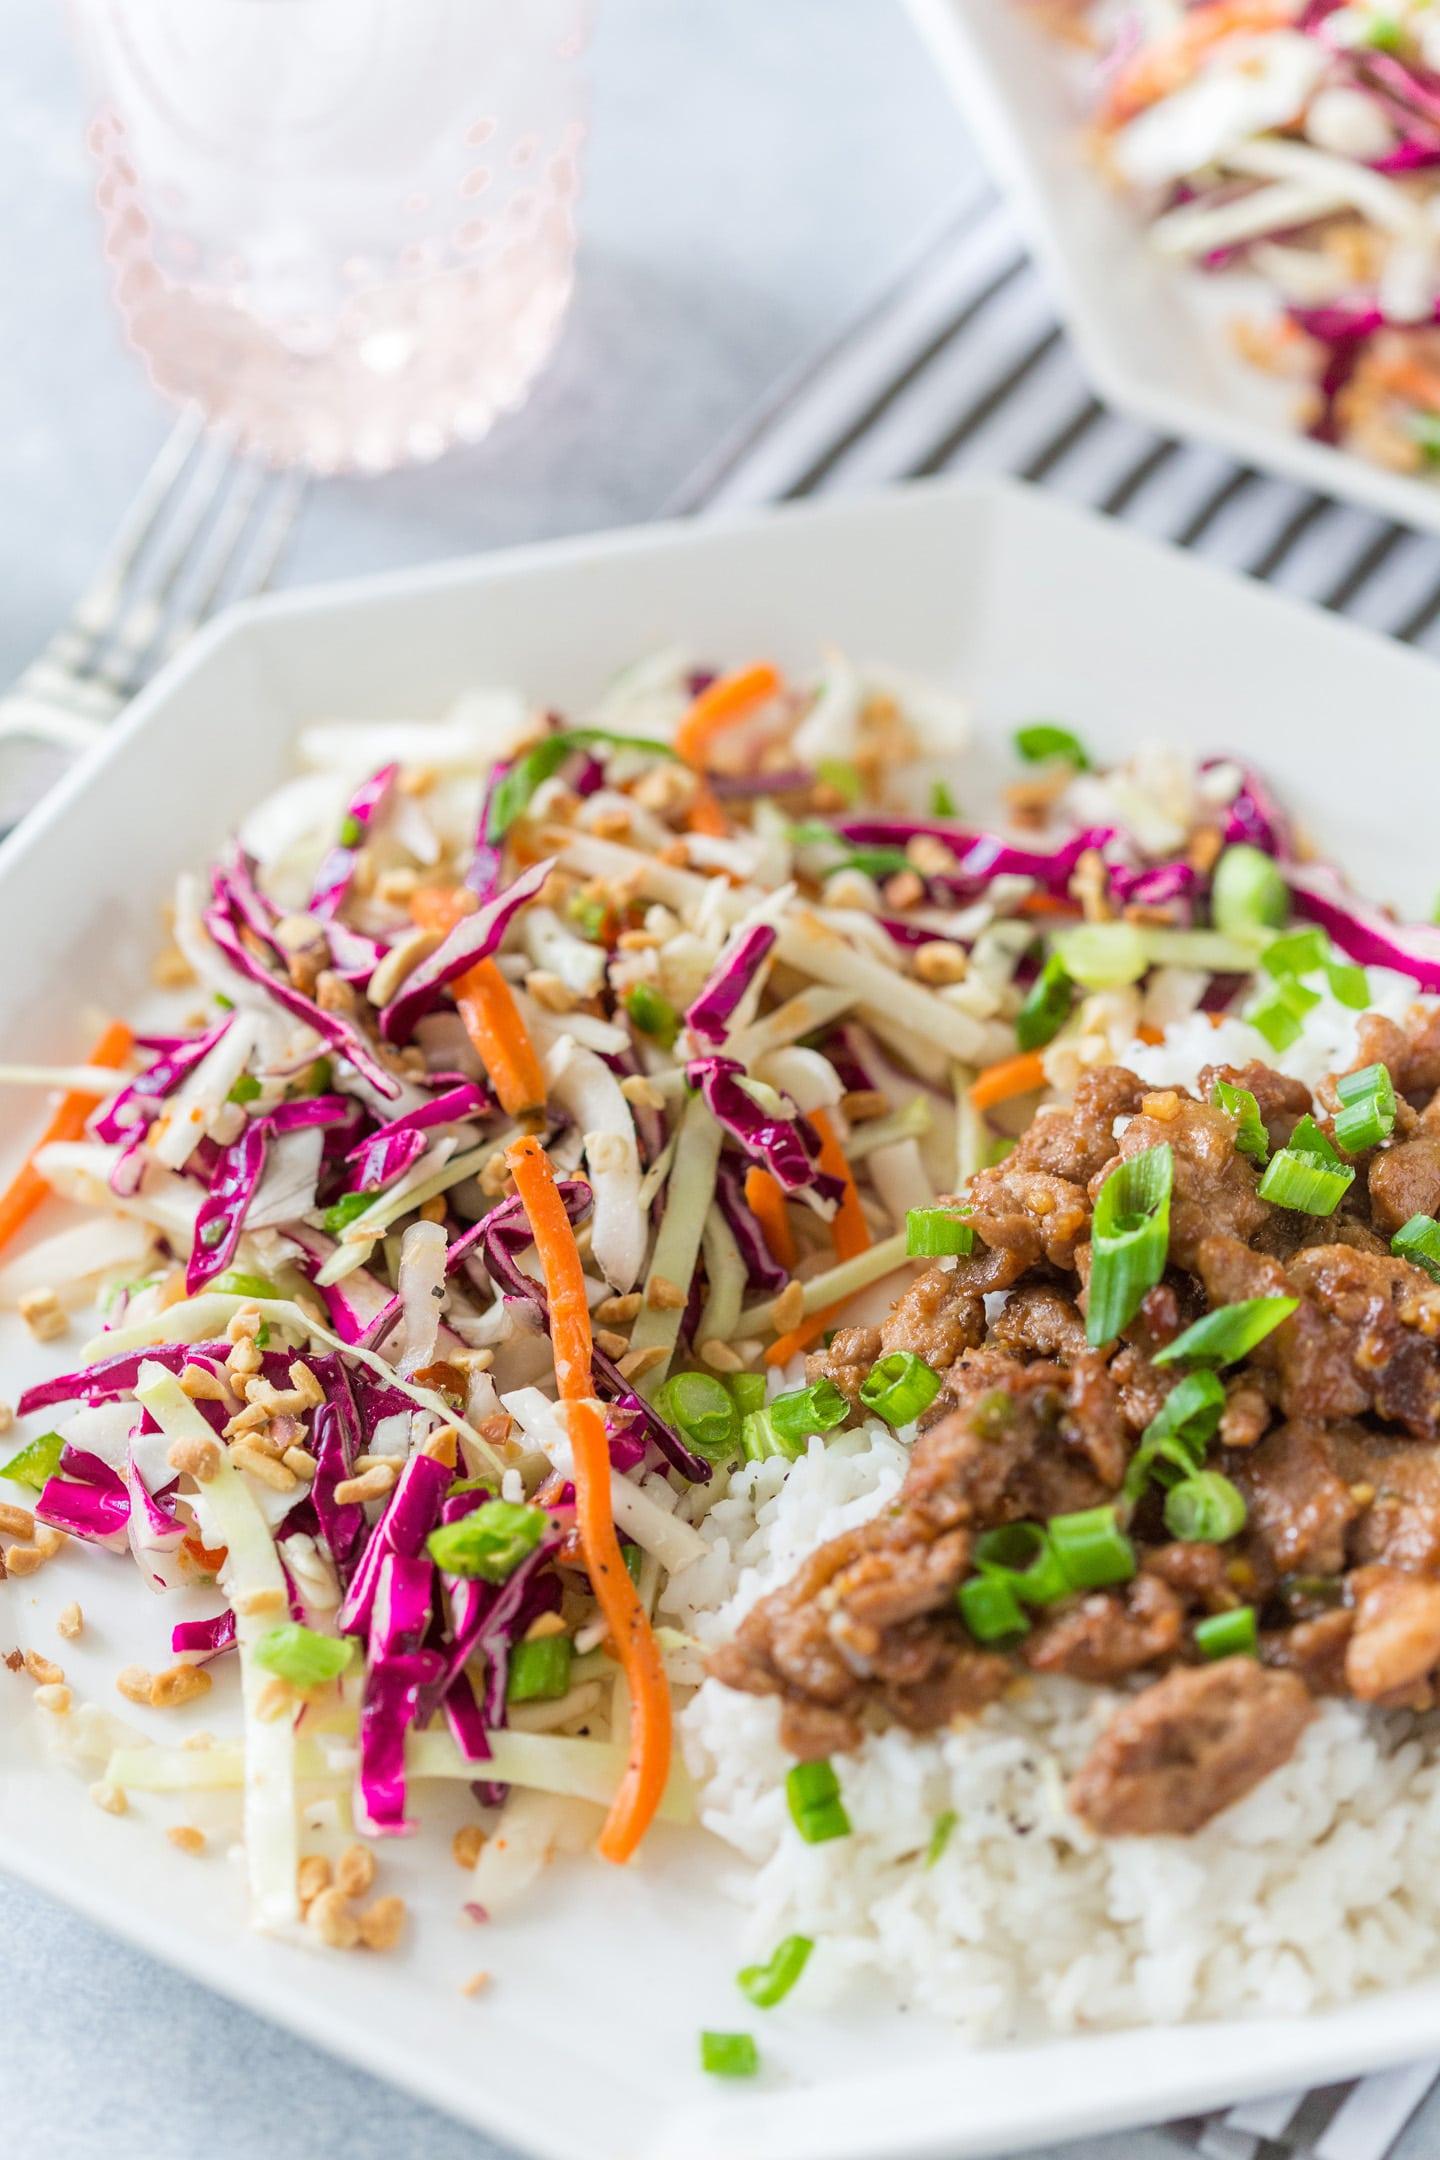 Vietnamese-Inspired Lemongrass Pork with Coconut Rice